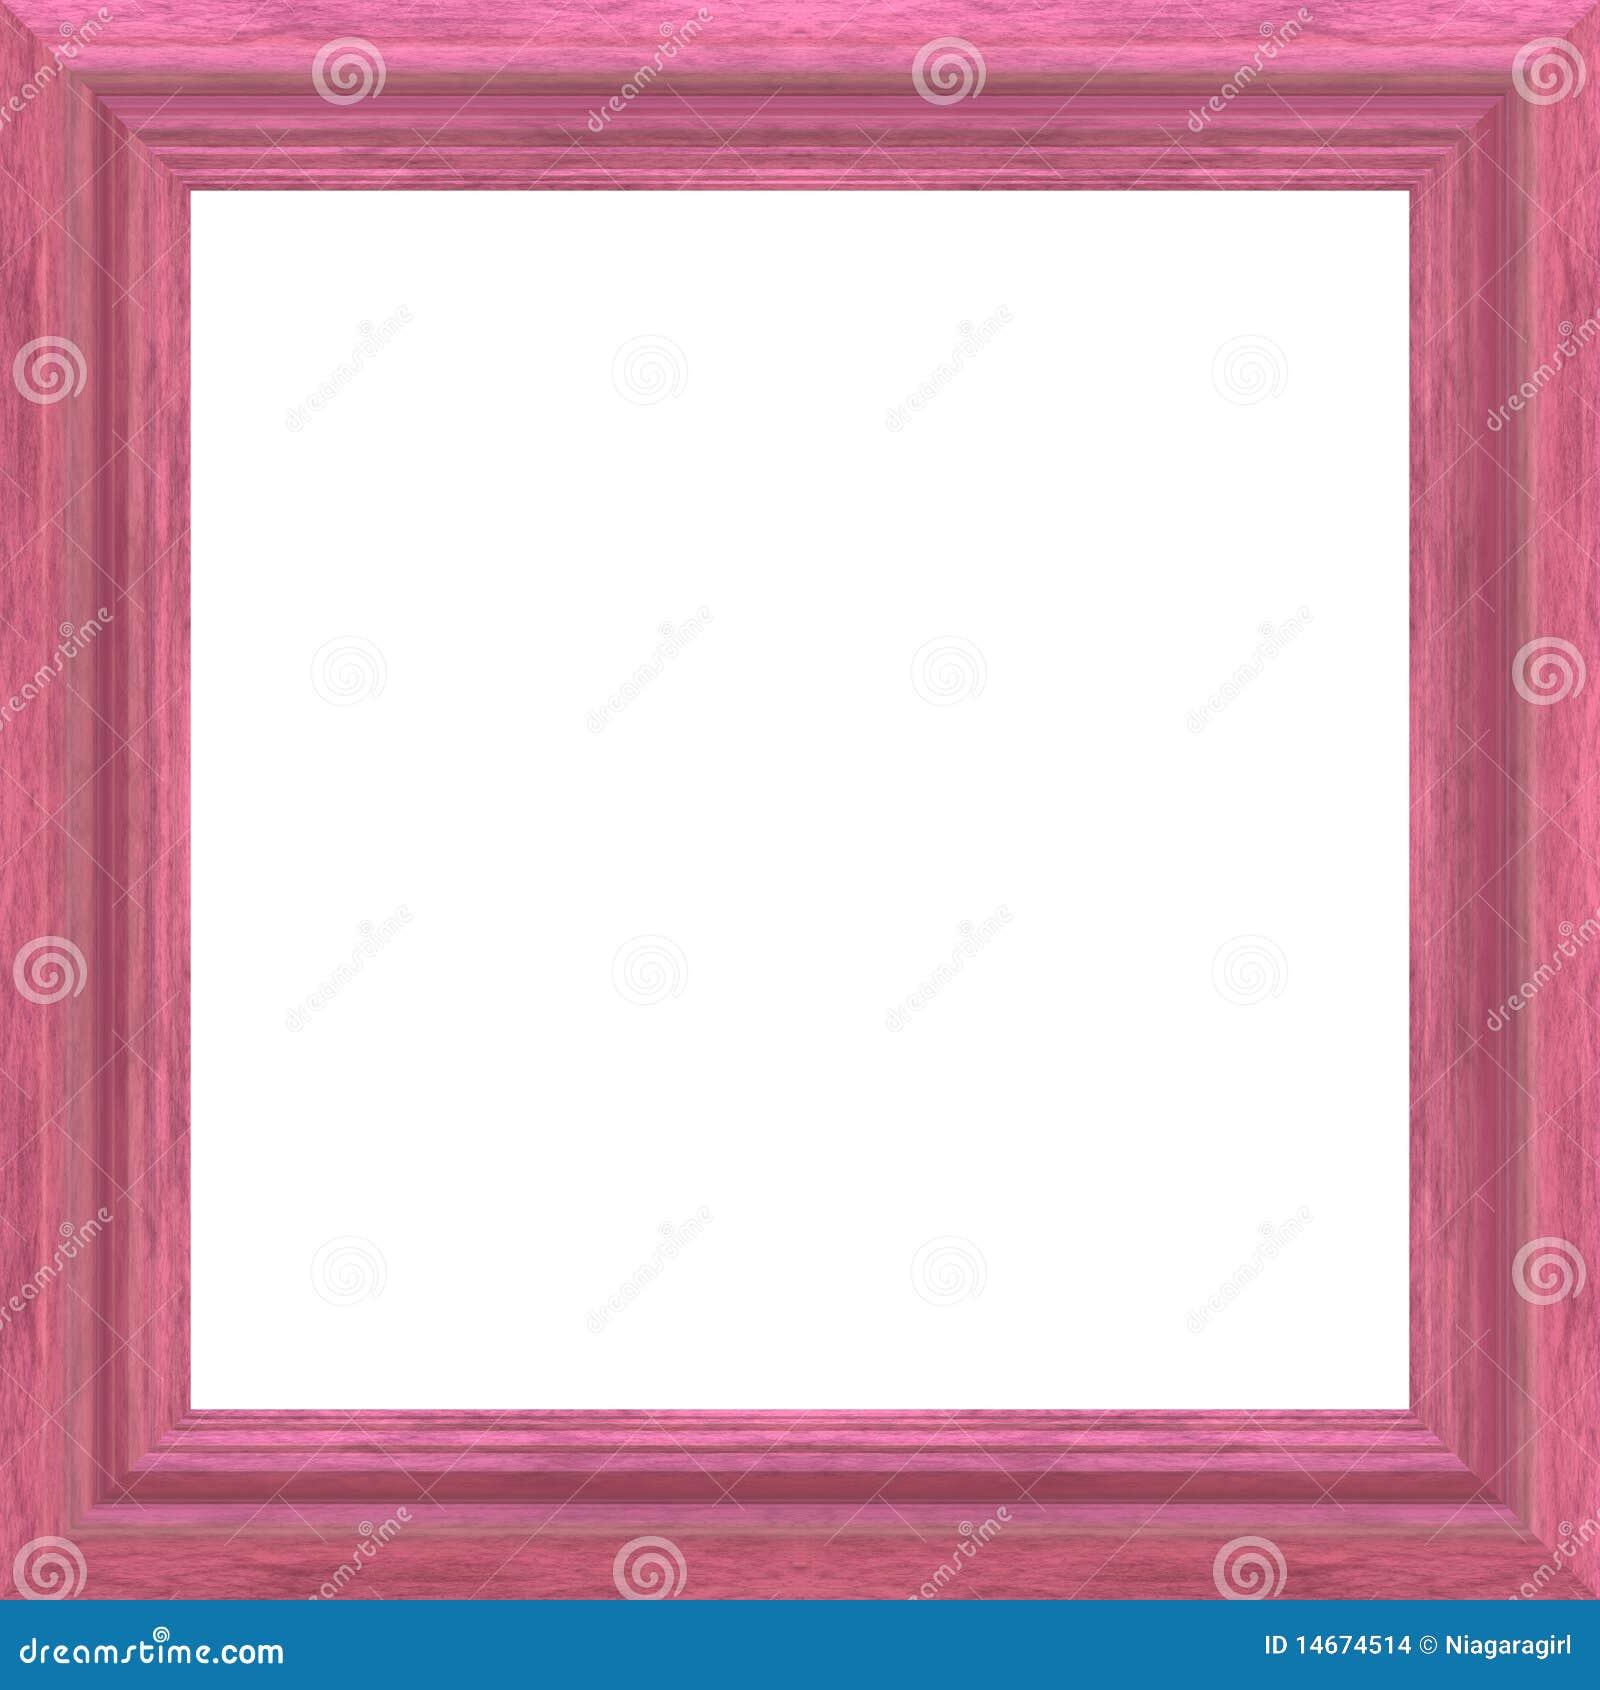 Pink Wood Frame stock illustration. Image of pink ...